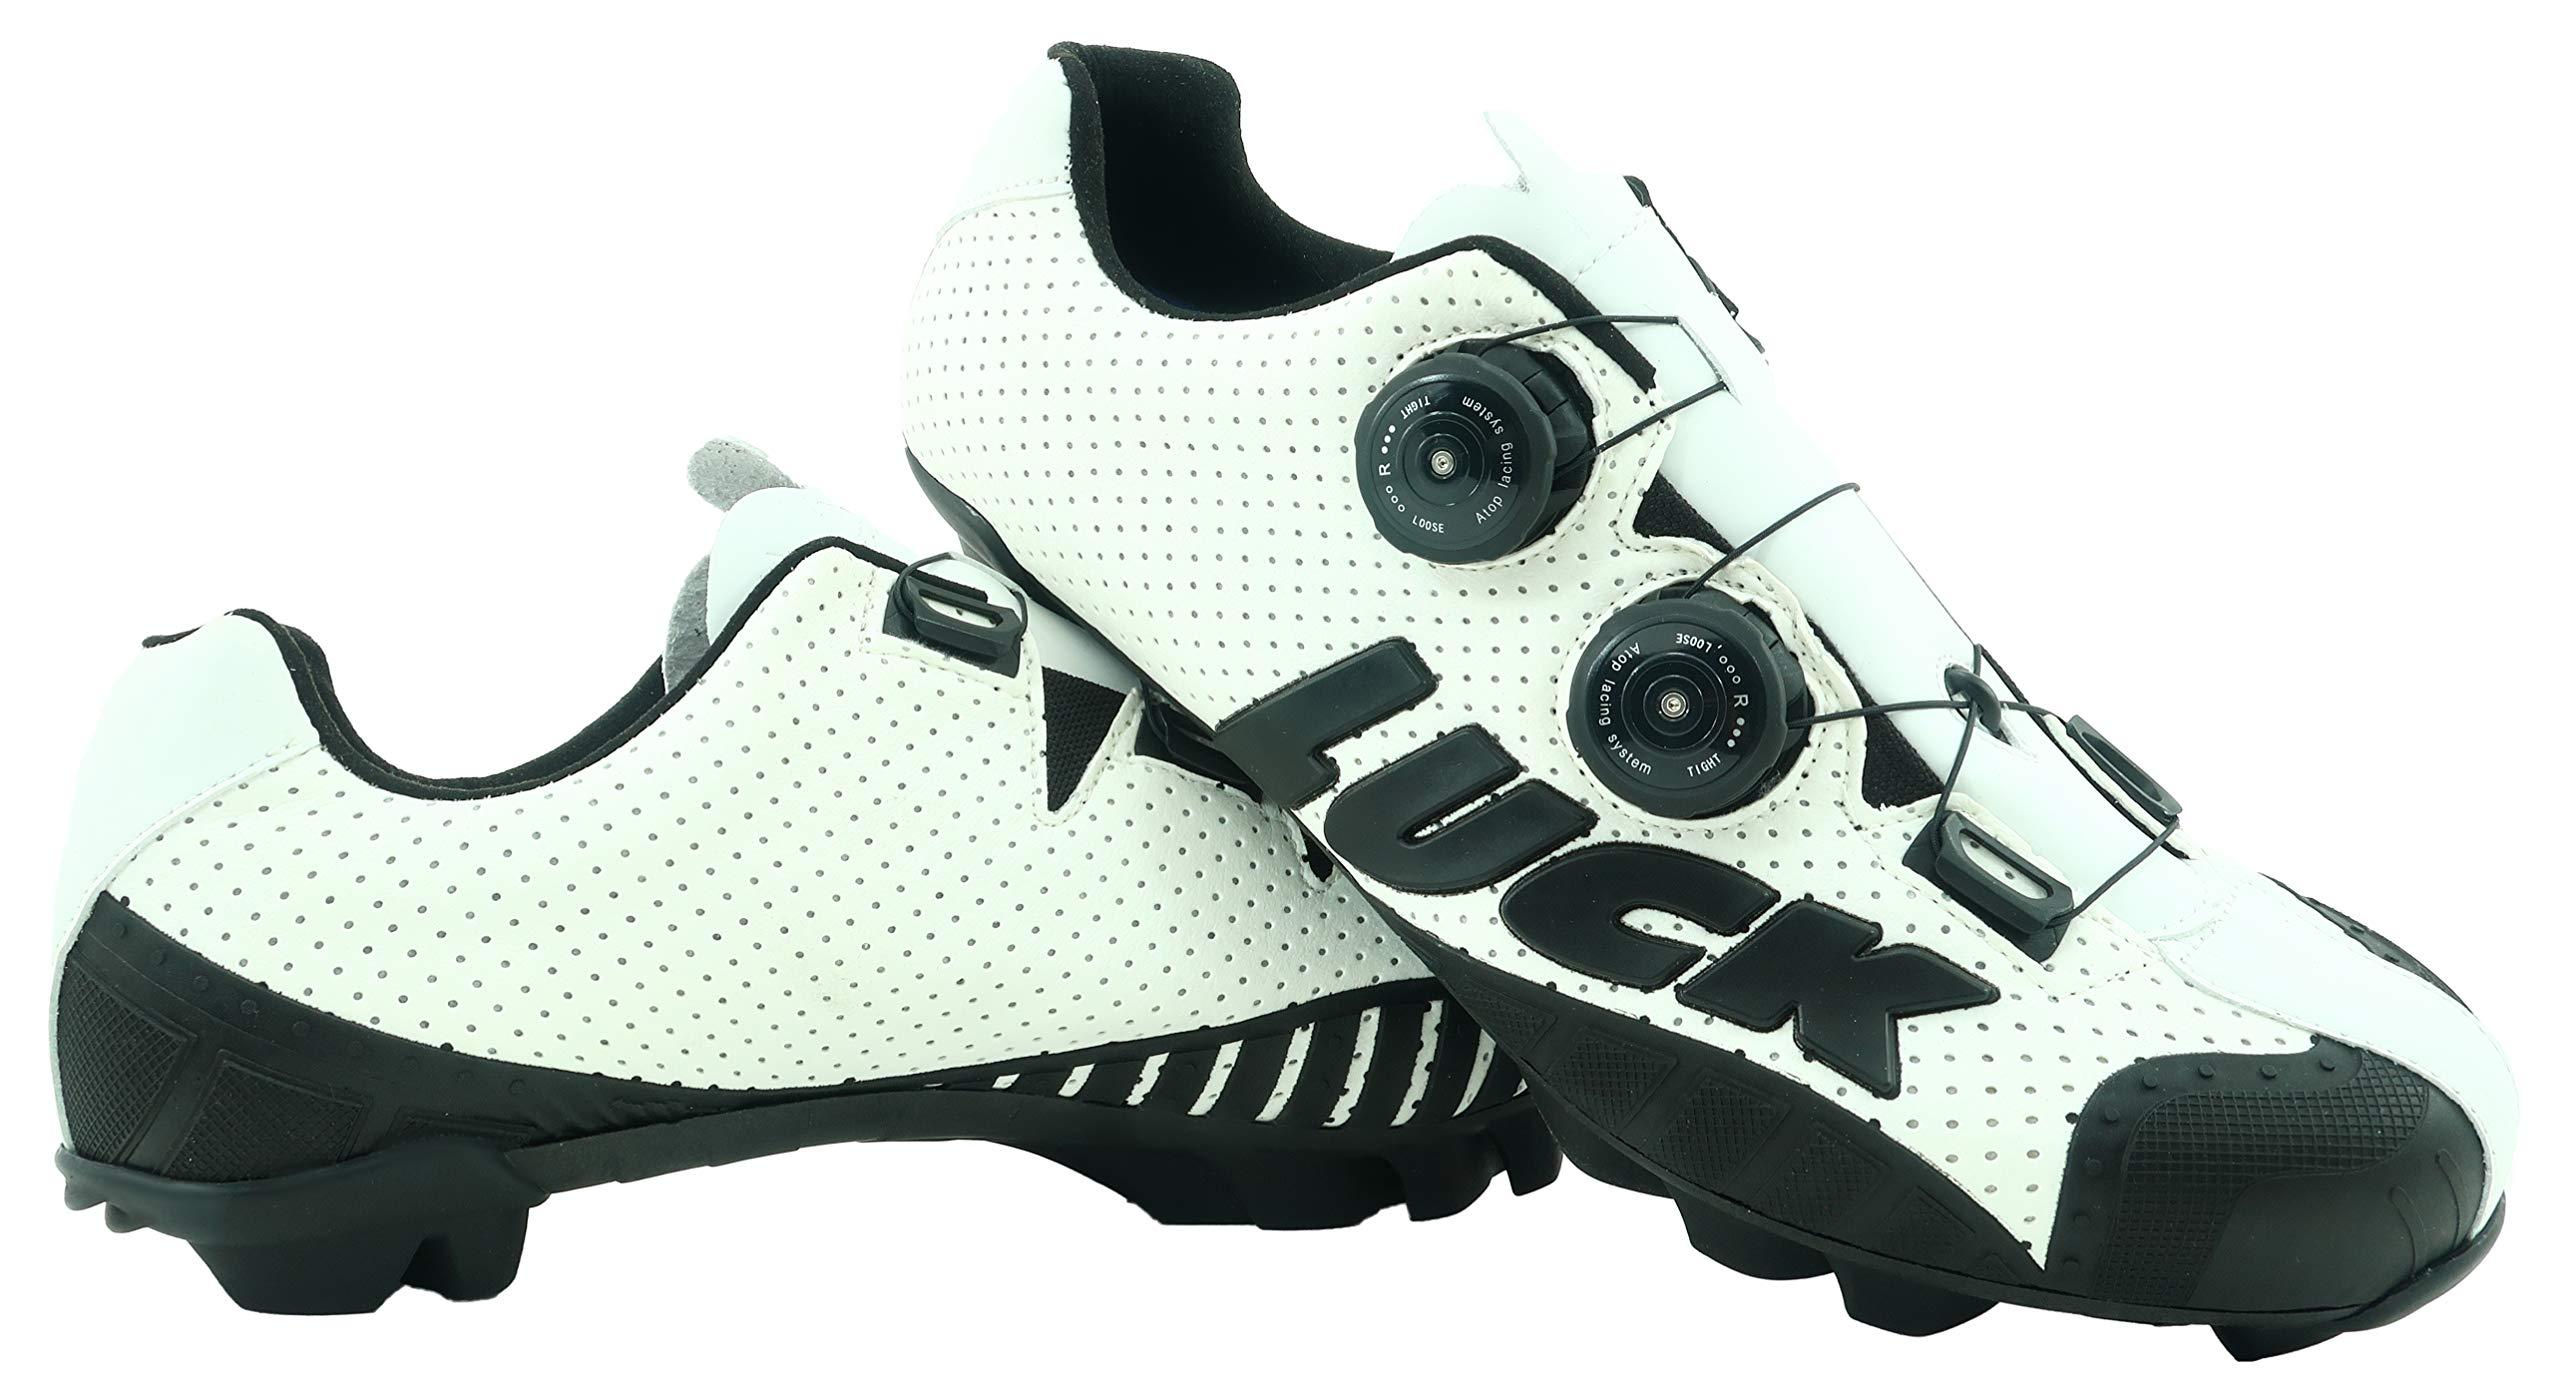 LUCK Zapatillas de Ciclismo MTB, Excalibur, Serie Profesional ...